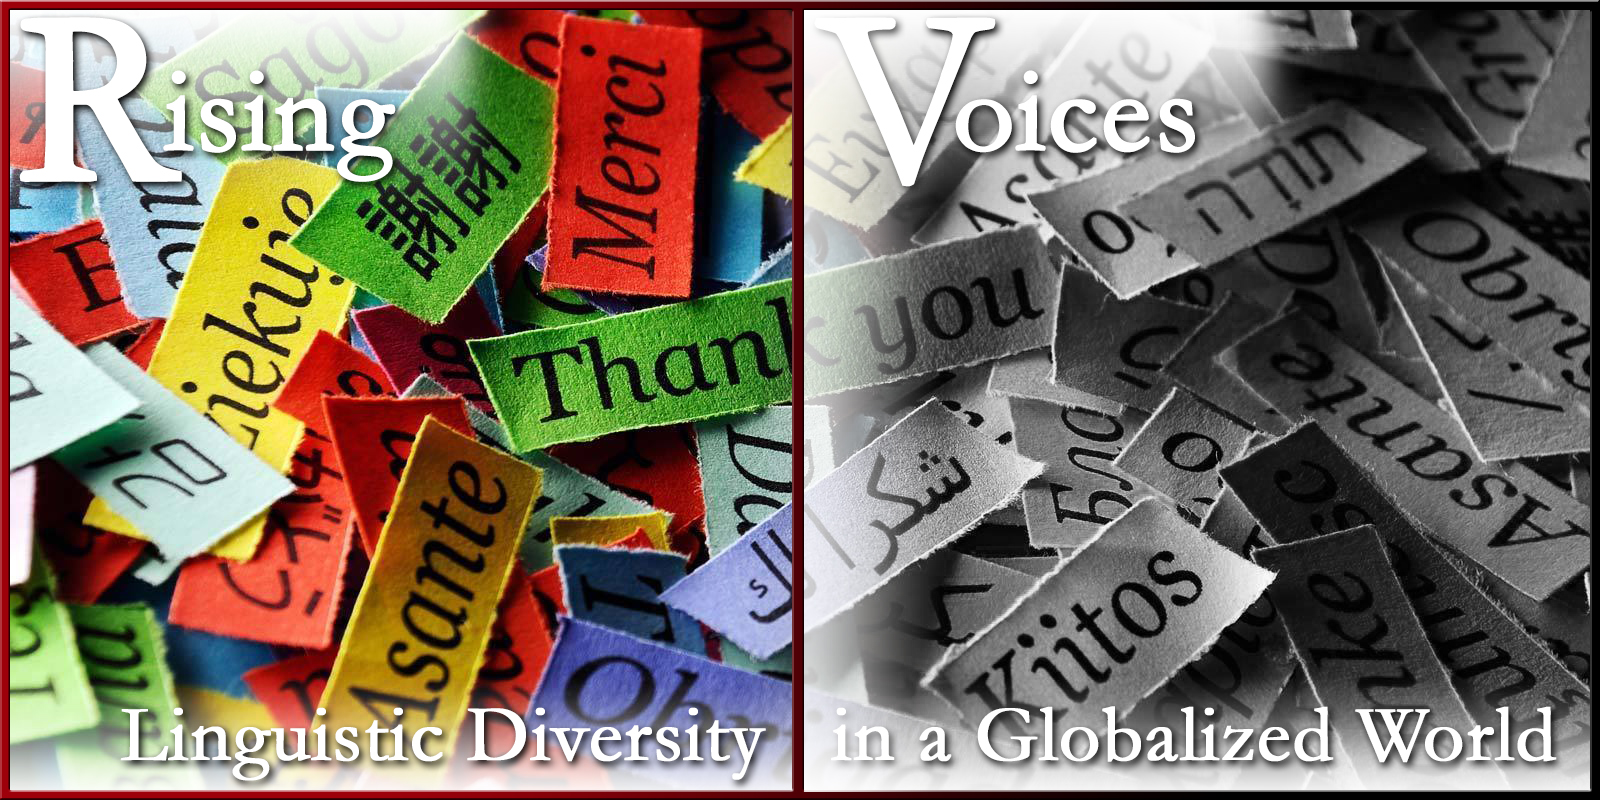 Rising Voices